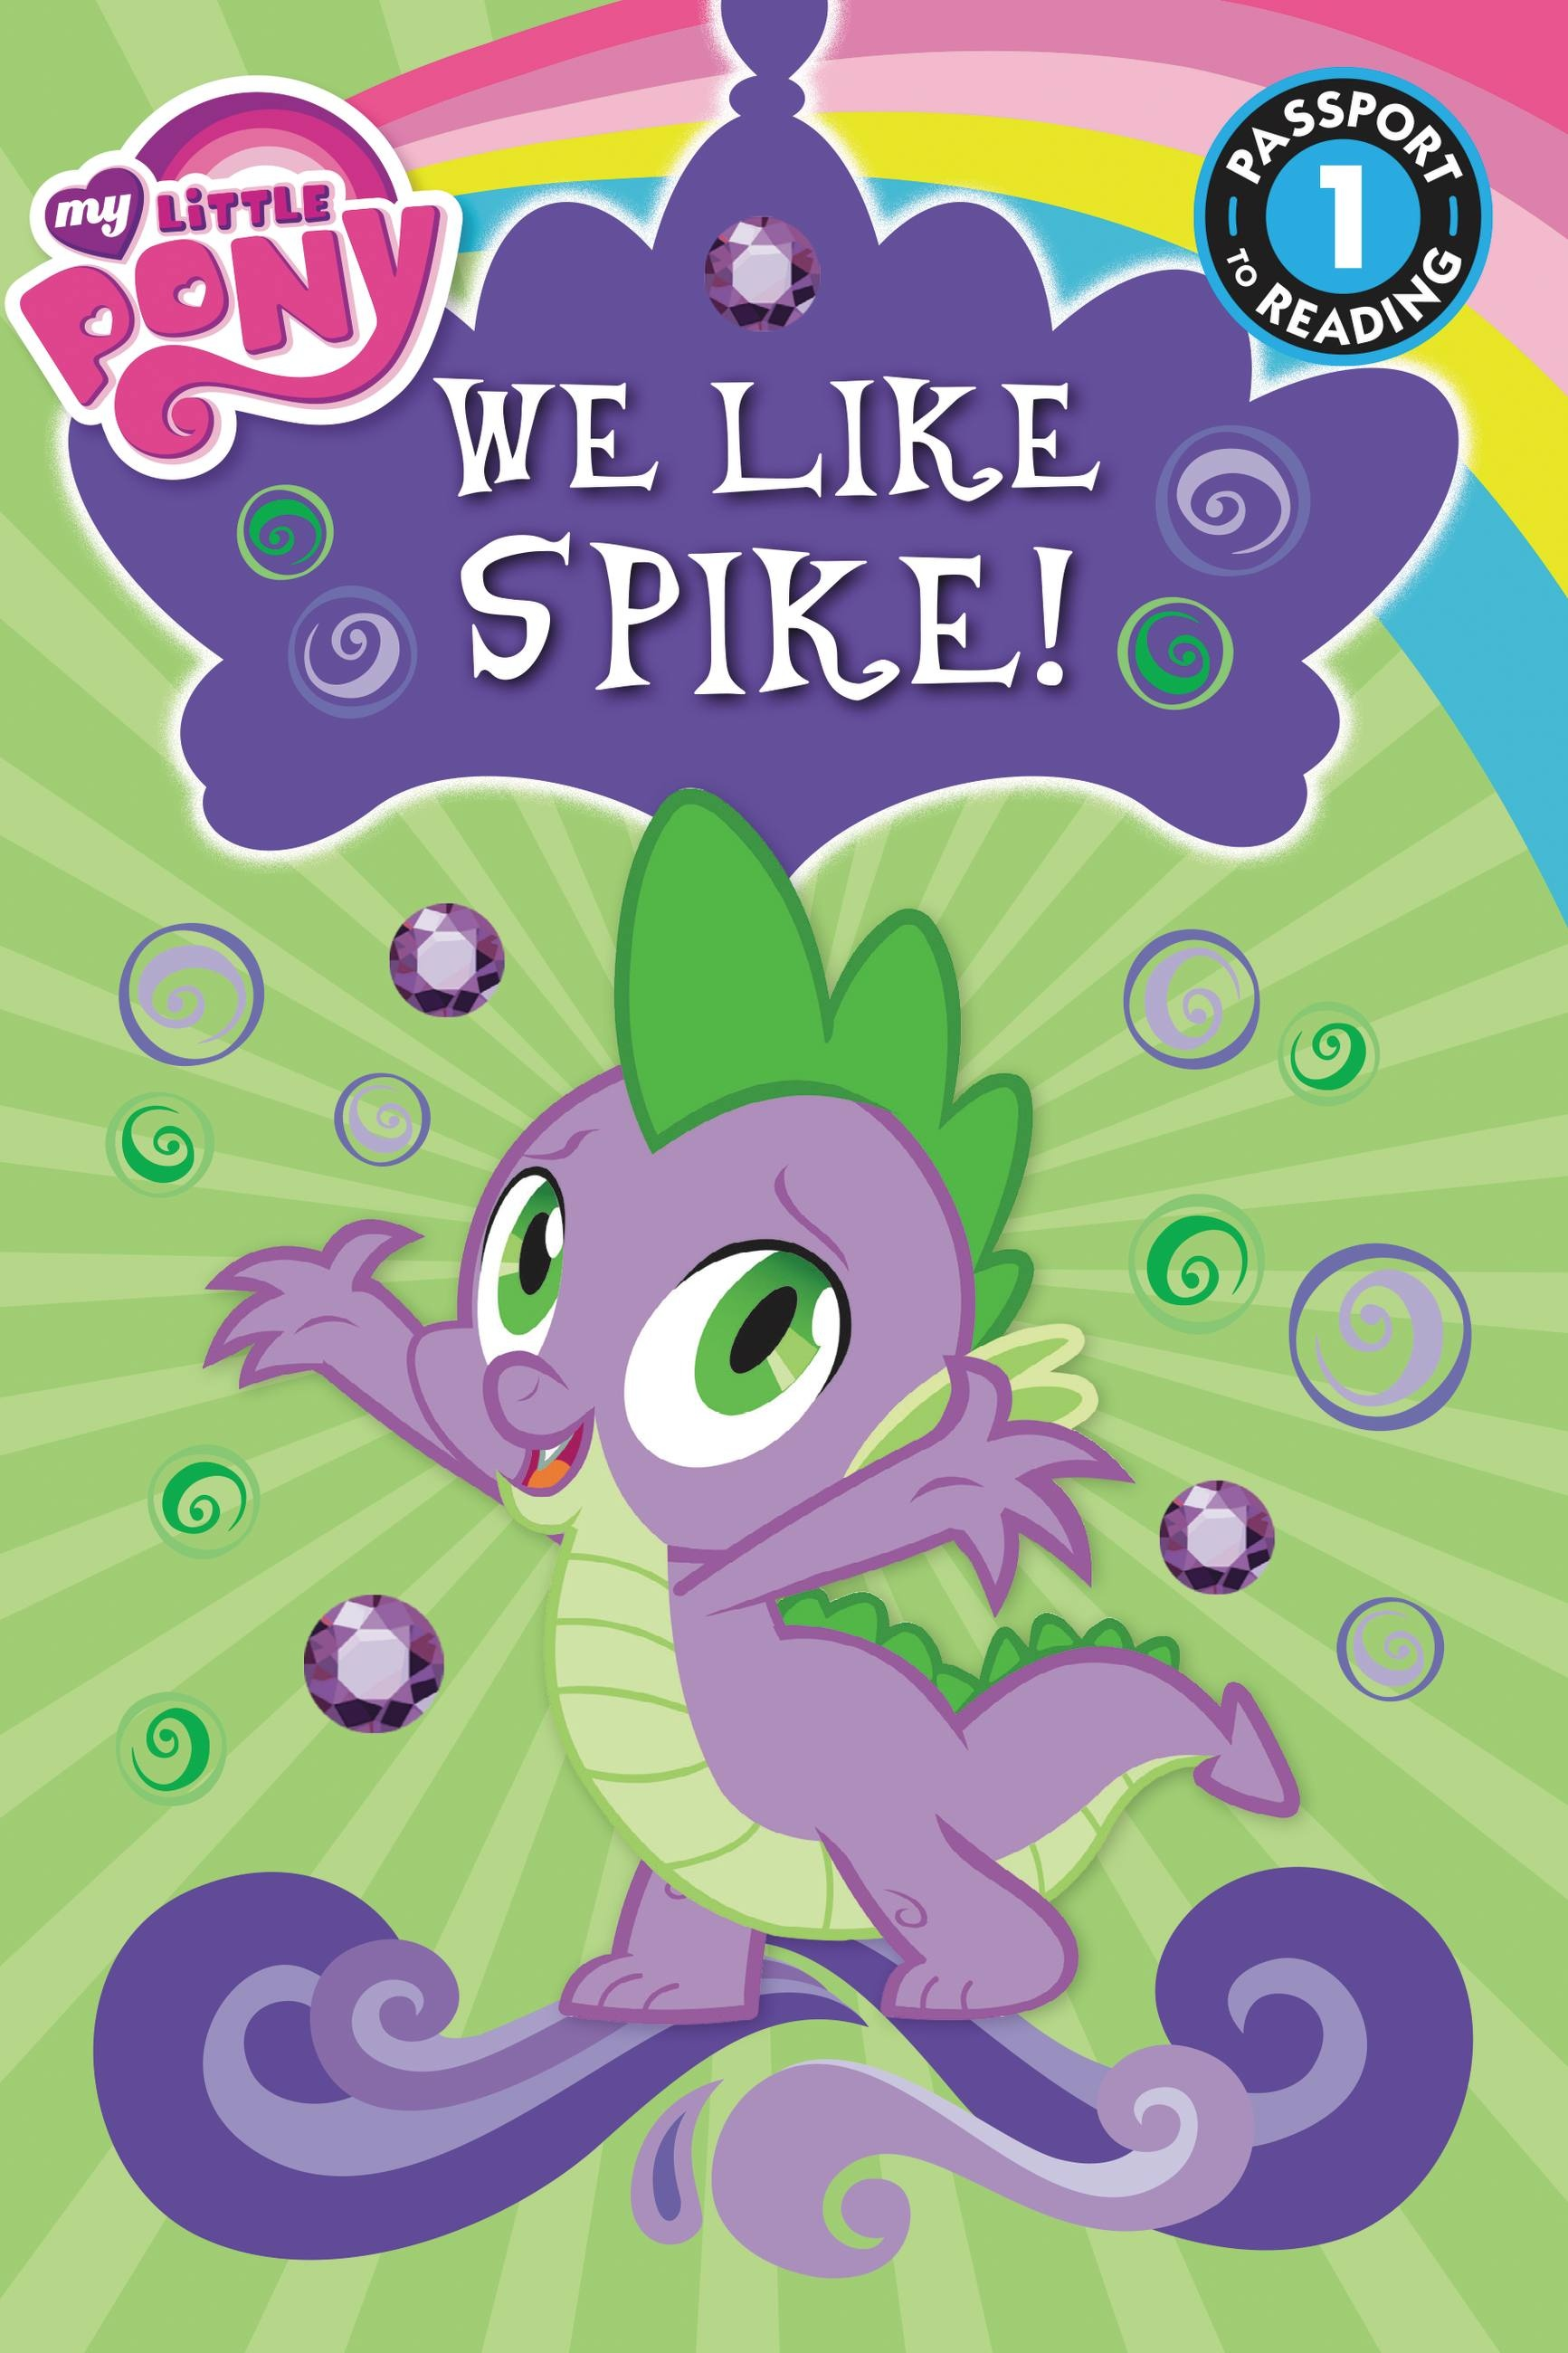 My Little Pony: We Like Spike! by Jennifer Fox | Hachette ...